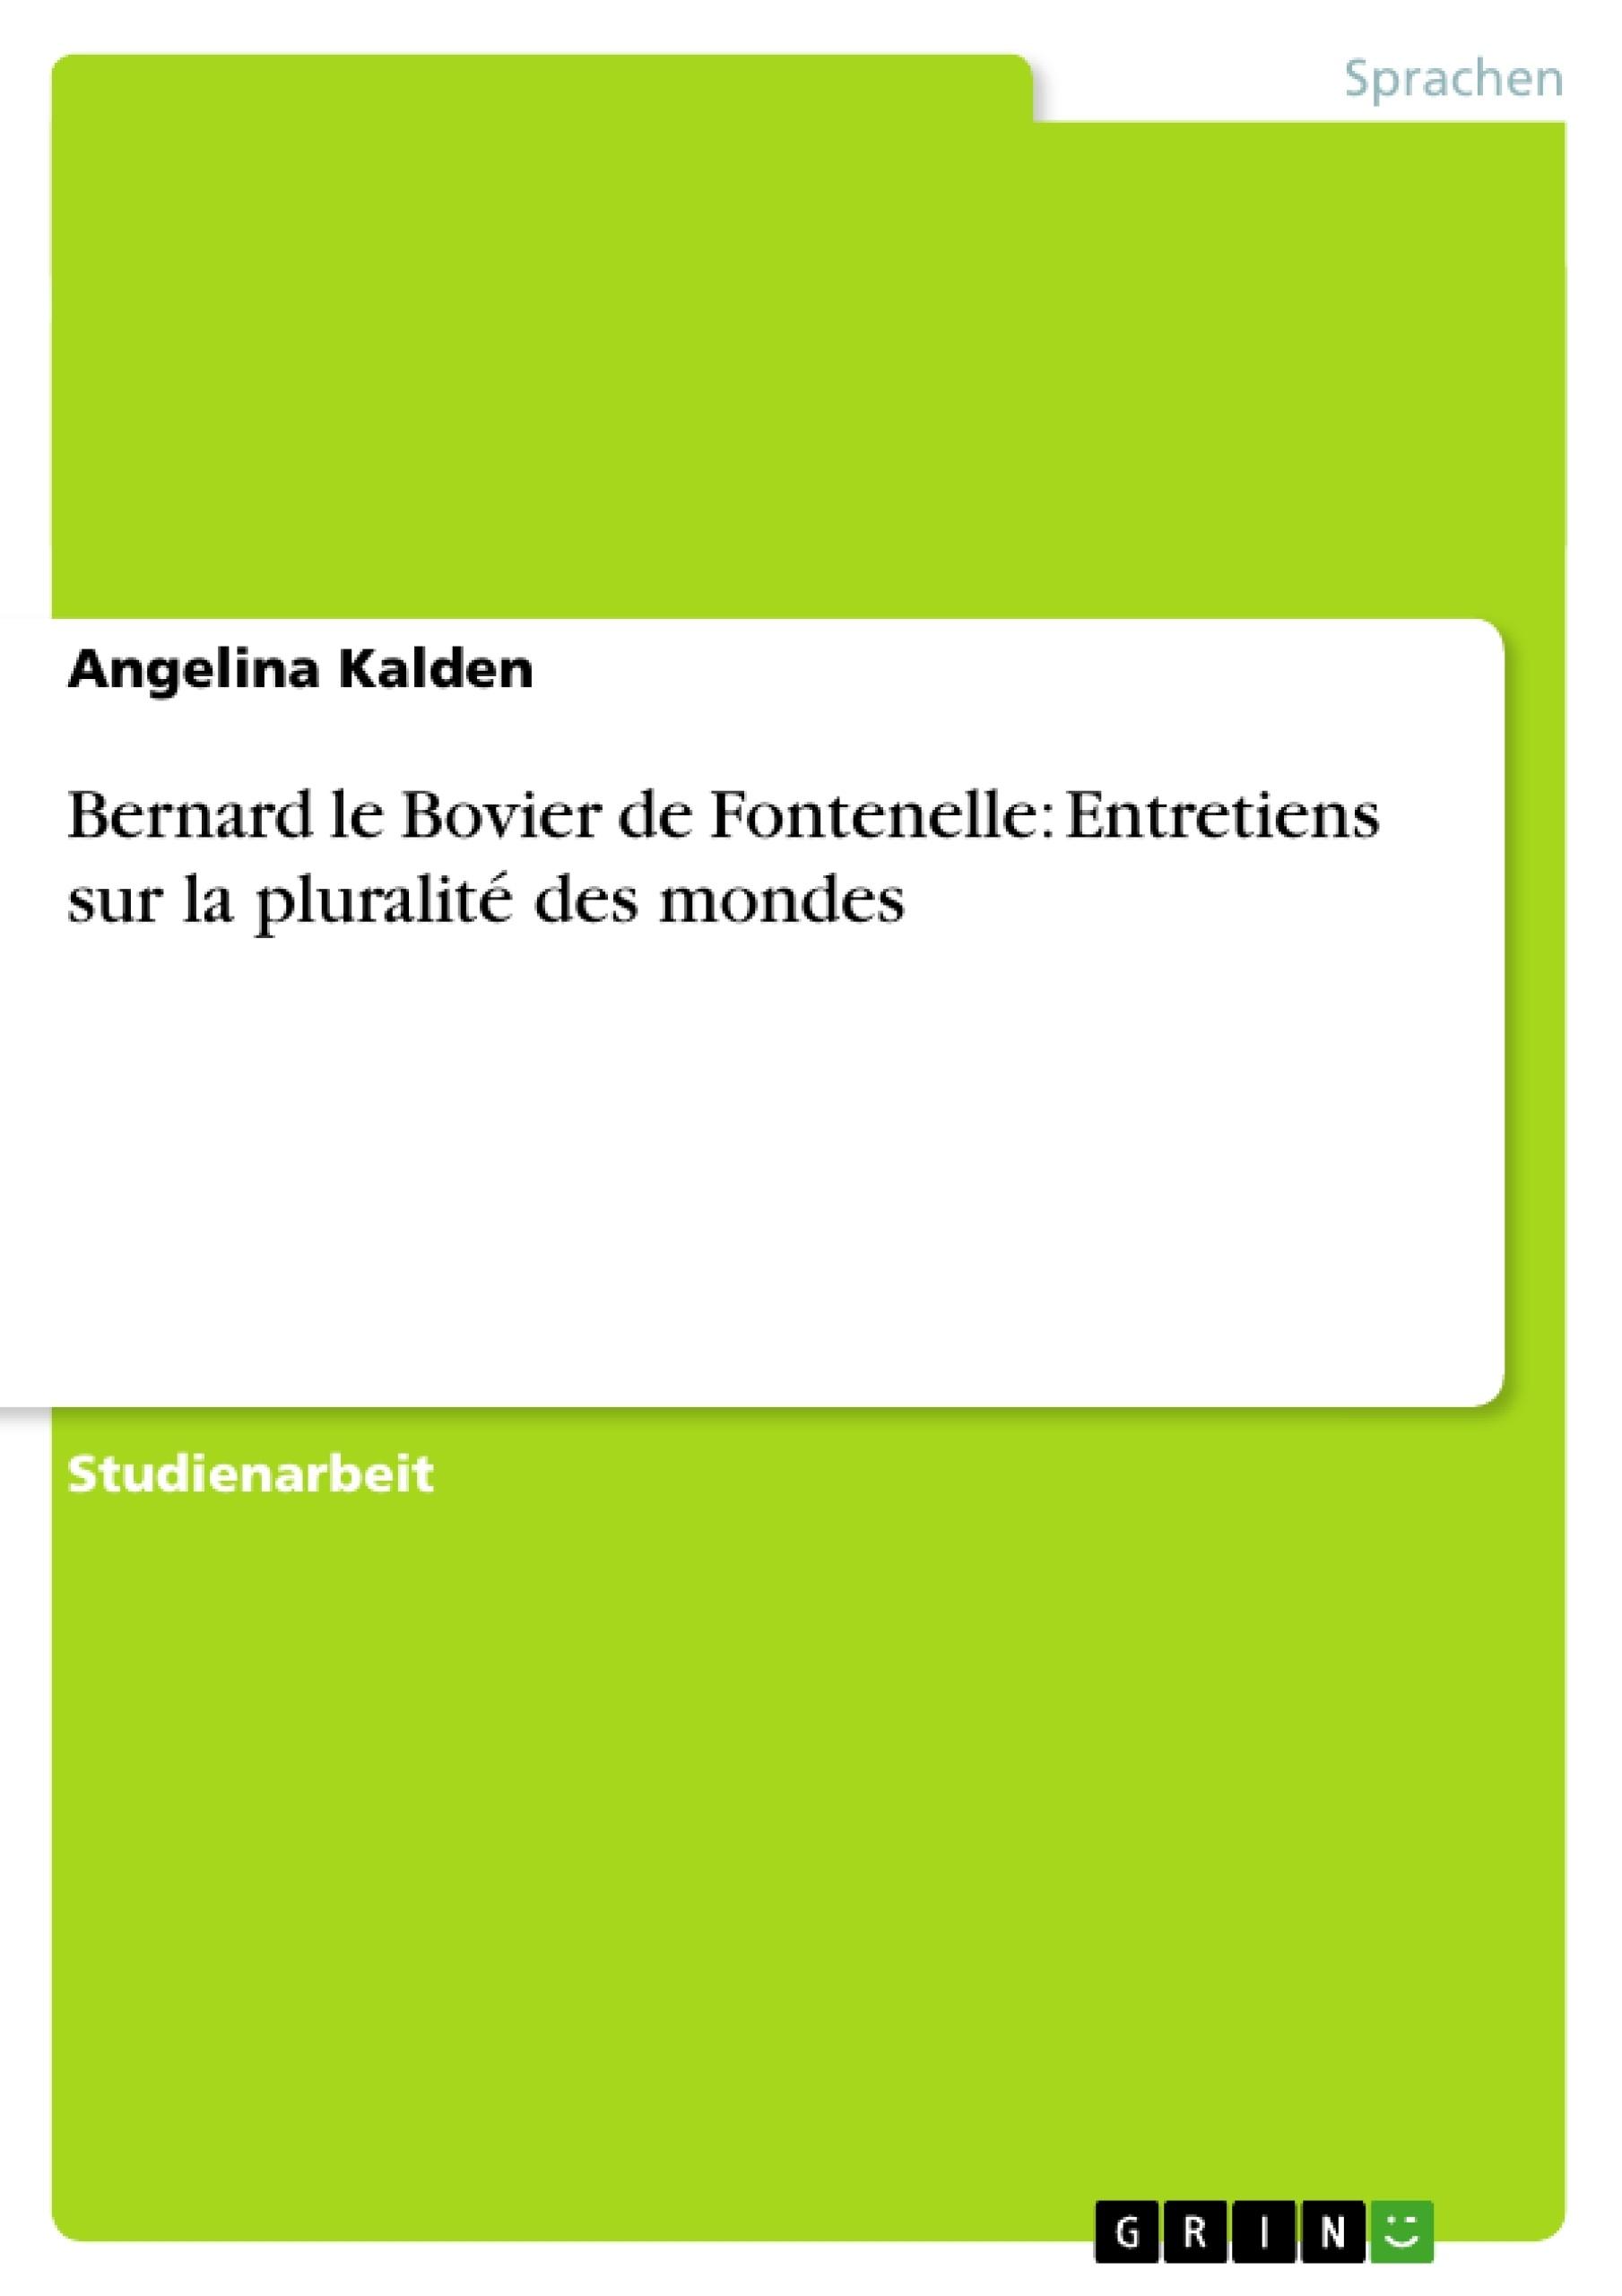 Titel: Bernard le Bovier de Fontenelle: Entretiens sur la pluralité des mondes